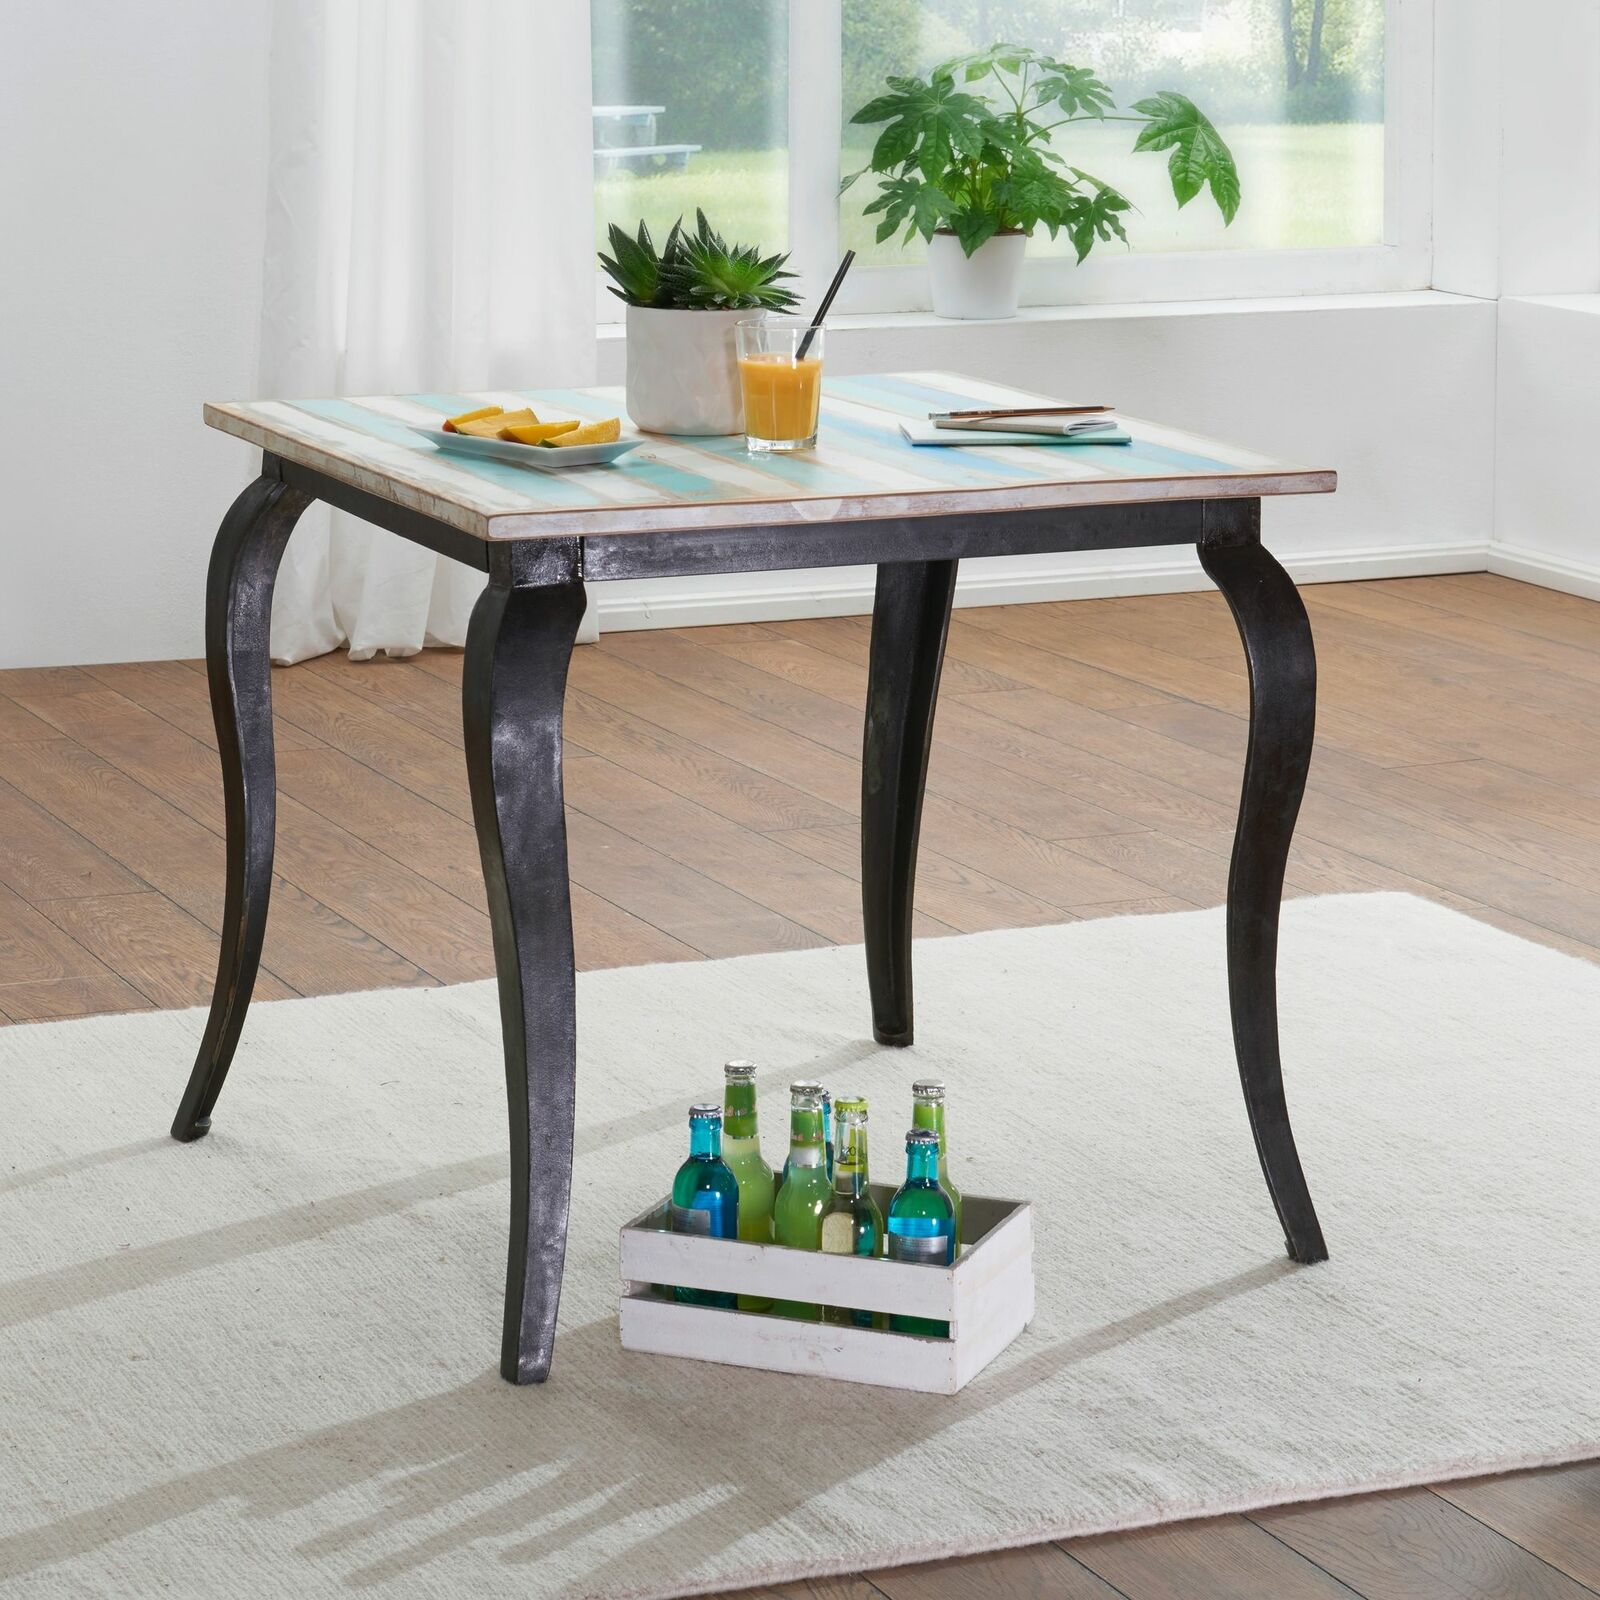 WOHNLING Esstisch LINA Massivholz Esszimmertisch Massivholztisch Küchentisch 15